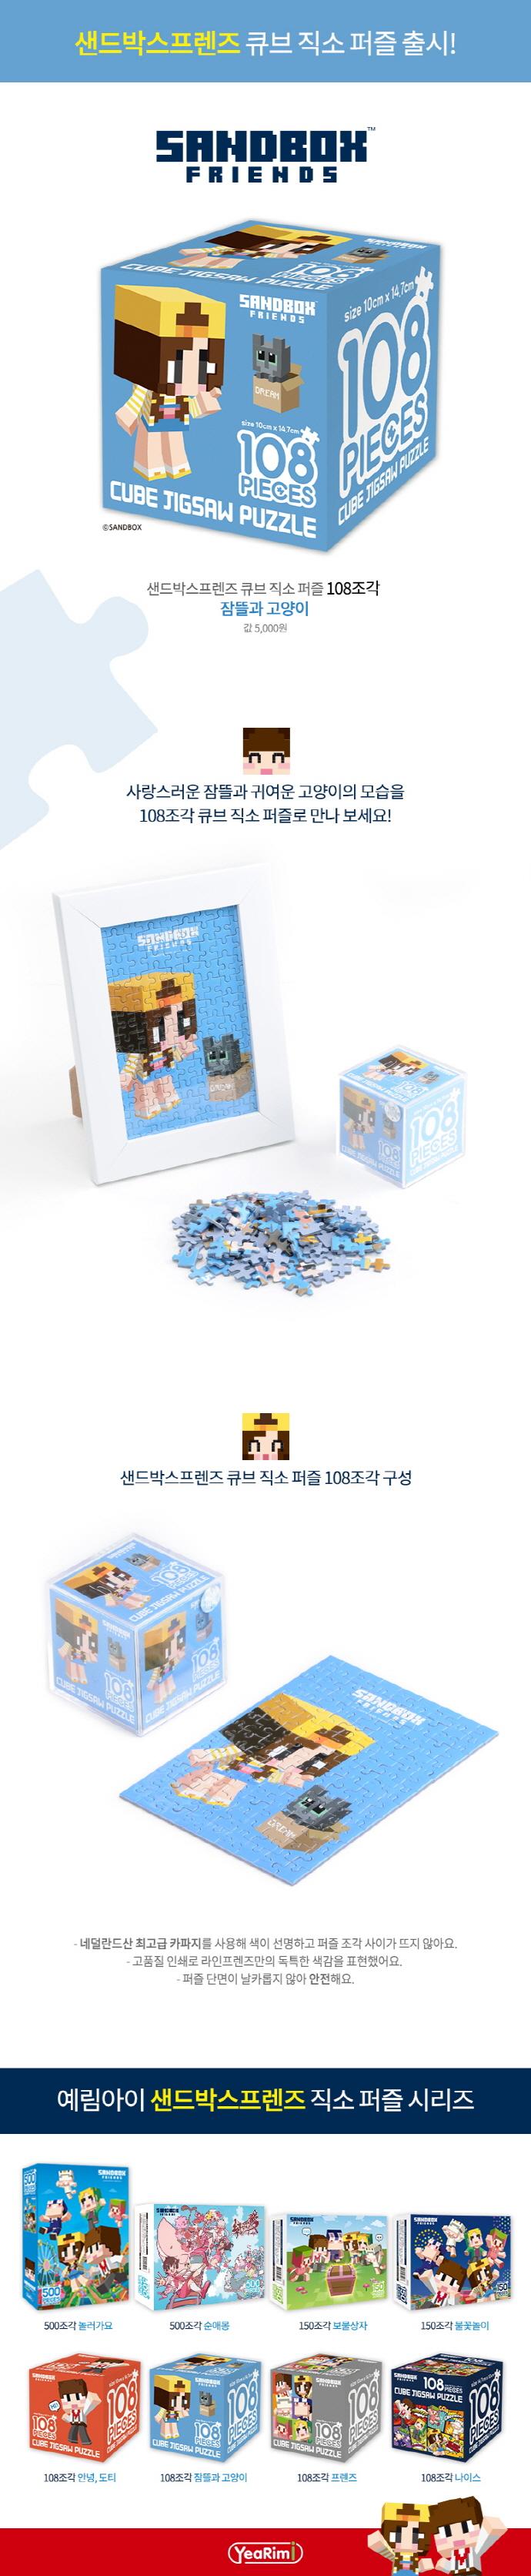 샌드박스프렌즈 큐브 직소 퍼즐 108조각 잠뜰과 고양이(예림아이 큐브 직소퍼즐) 도서 상세이미지